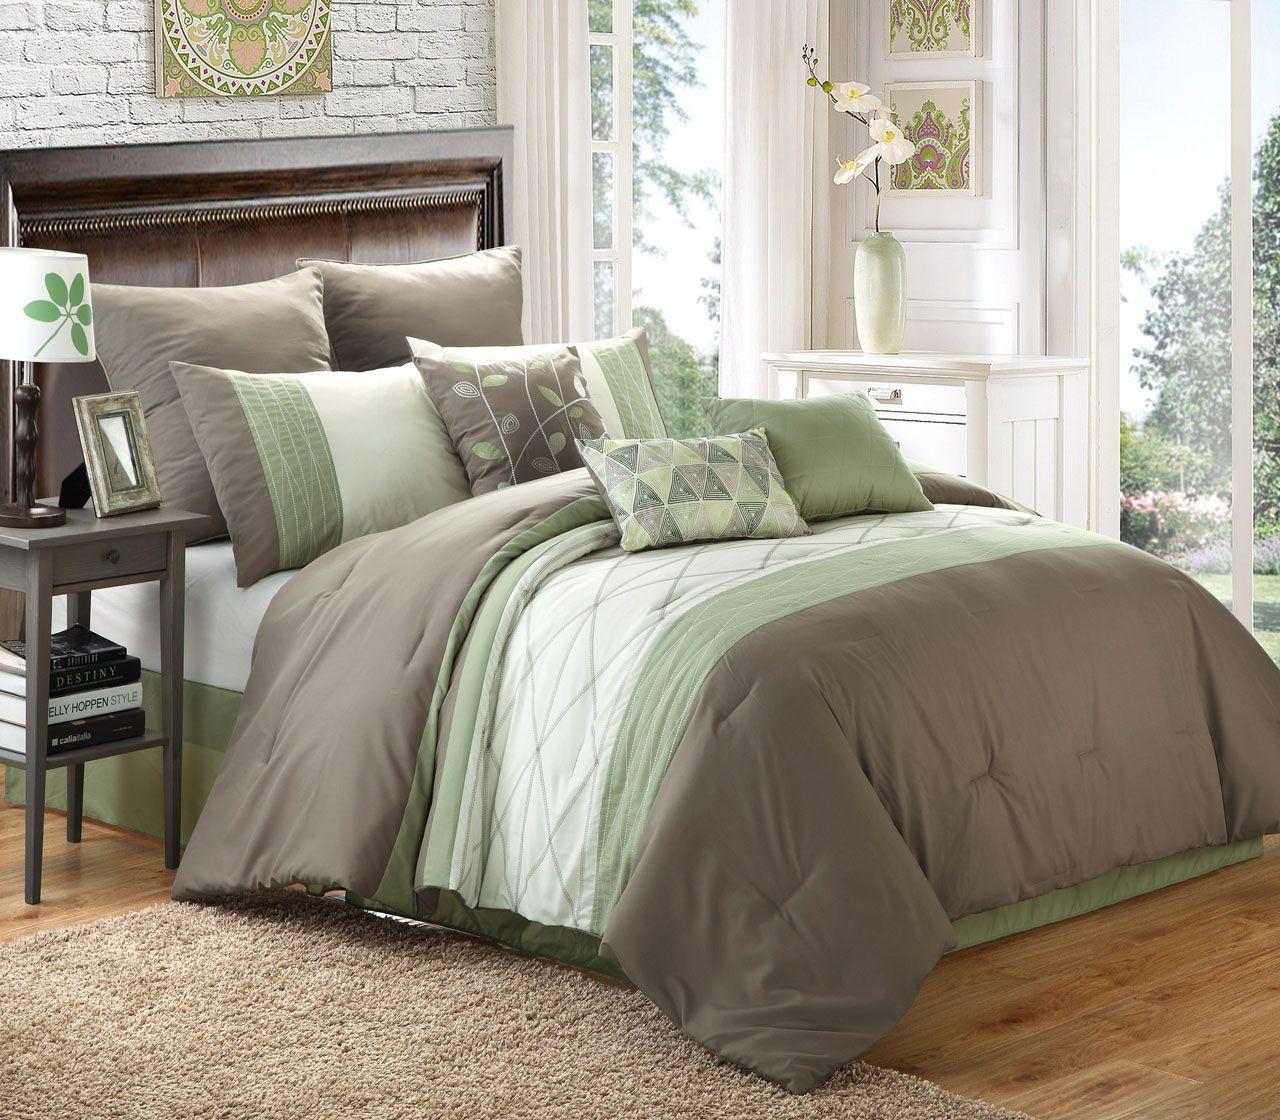 Sage Bedding Set Buethe Org Sage Green Bedroom White Comforter Comforter Sets